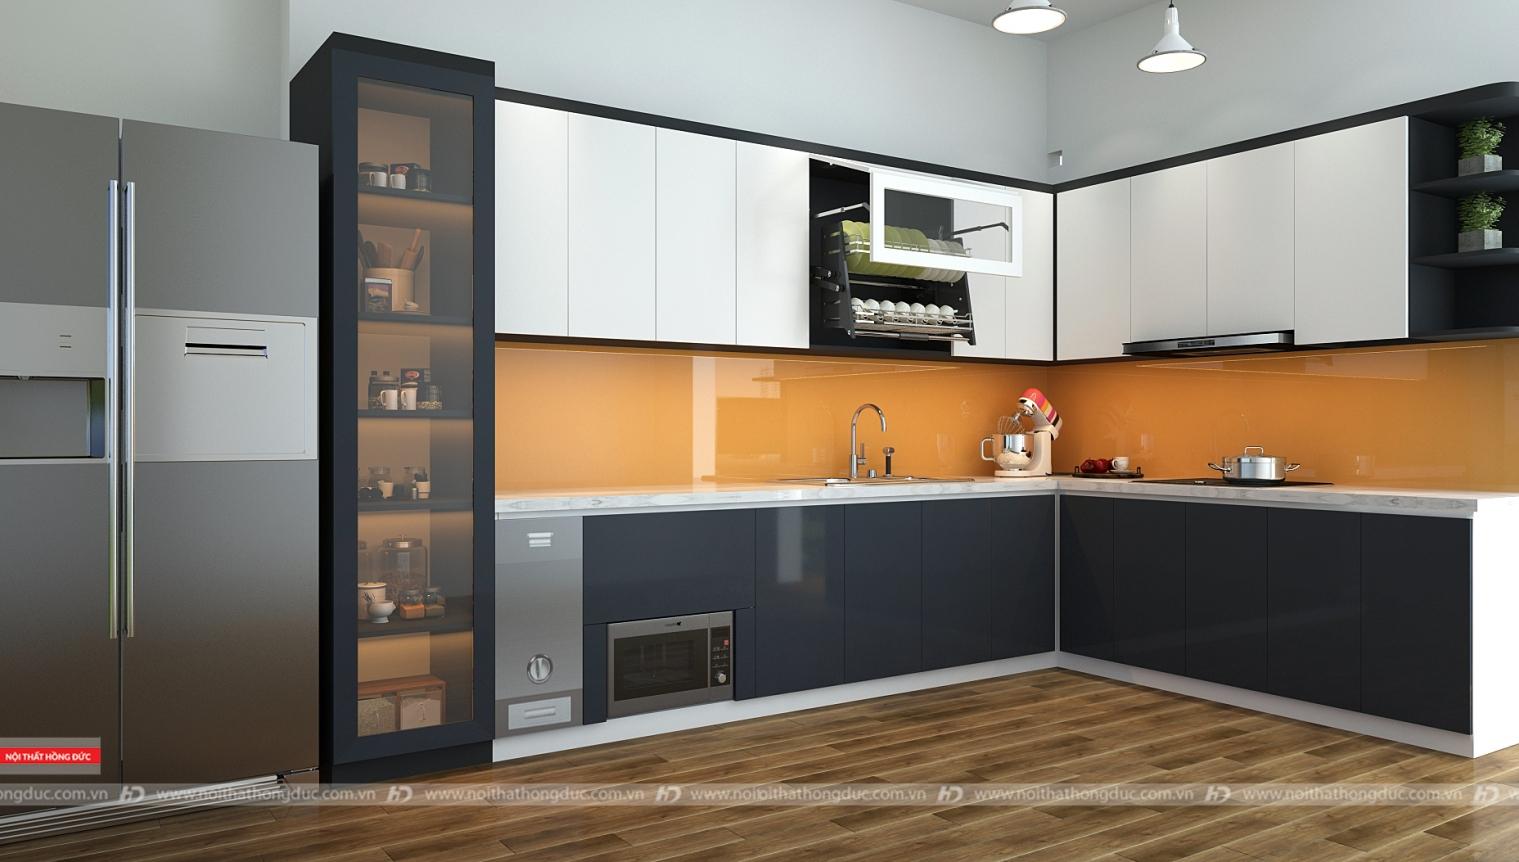 Thiết kế, thi công nội thất phòng bếp tại Thanh Hóa